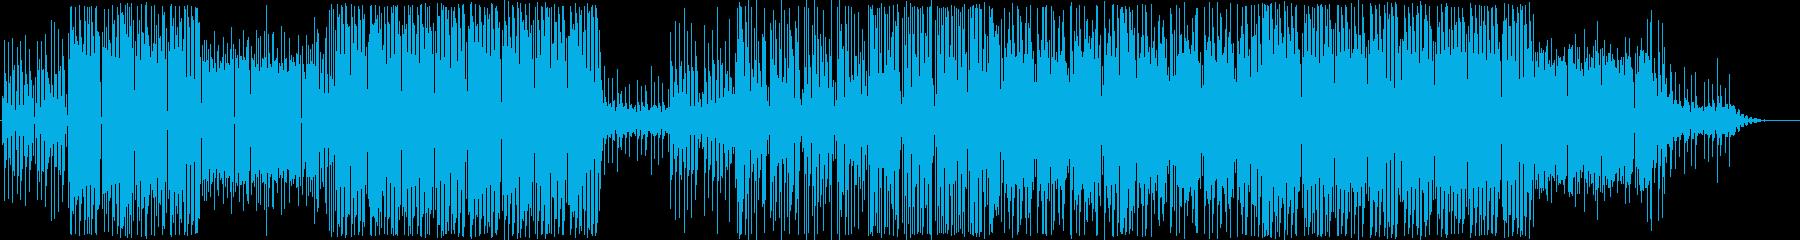 ポップでキャッチーな明るい4つ打ちBGMの再生済みの波形